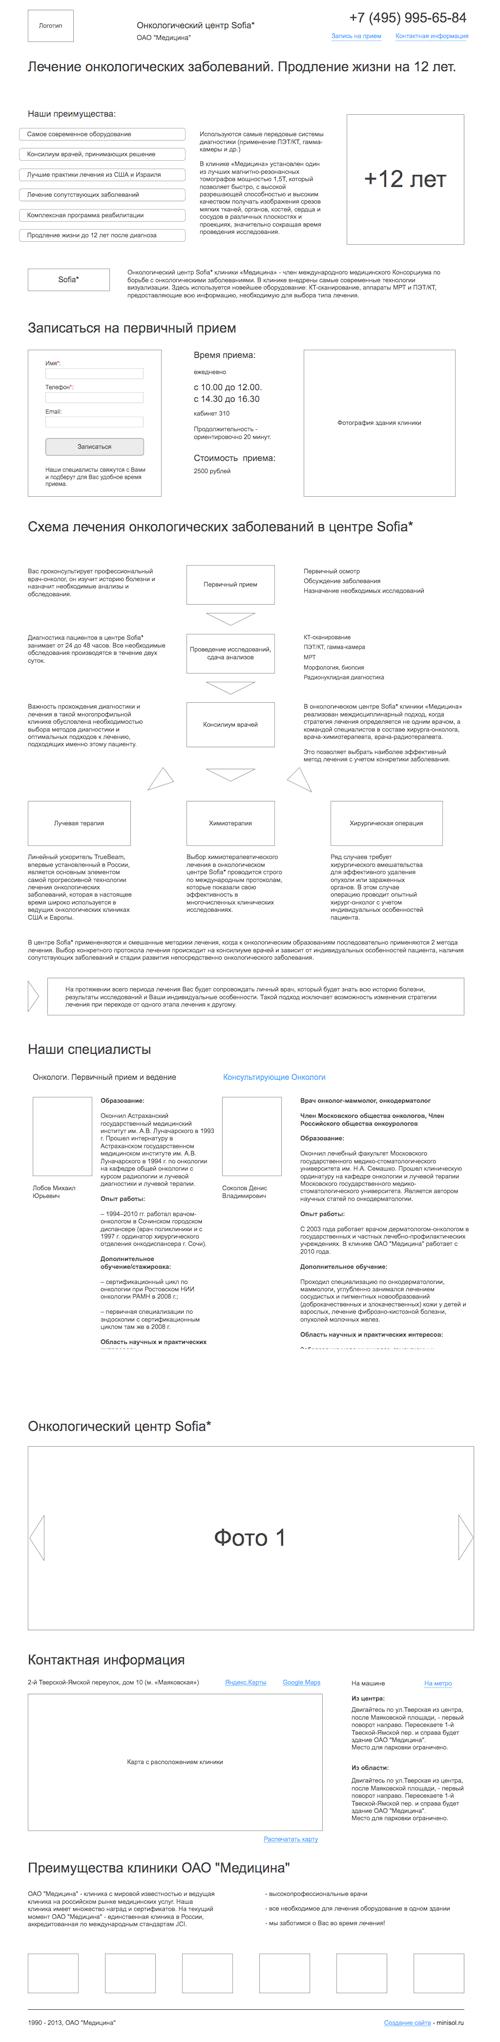 Посадочные страницы по медицинским услугам